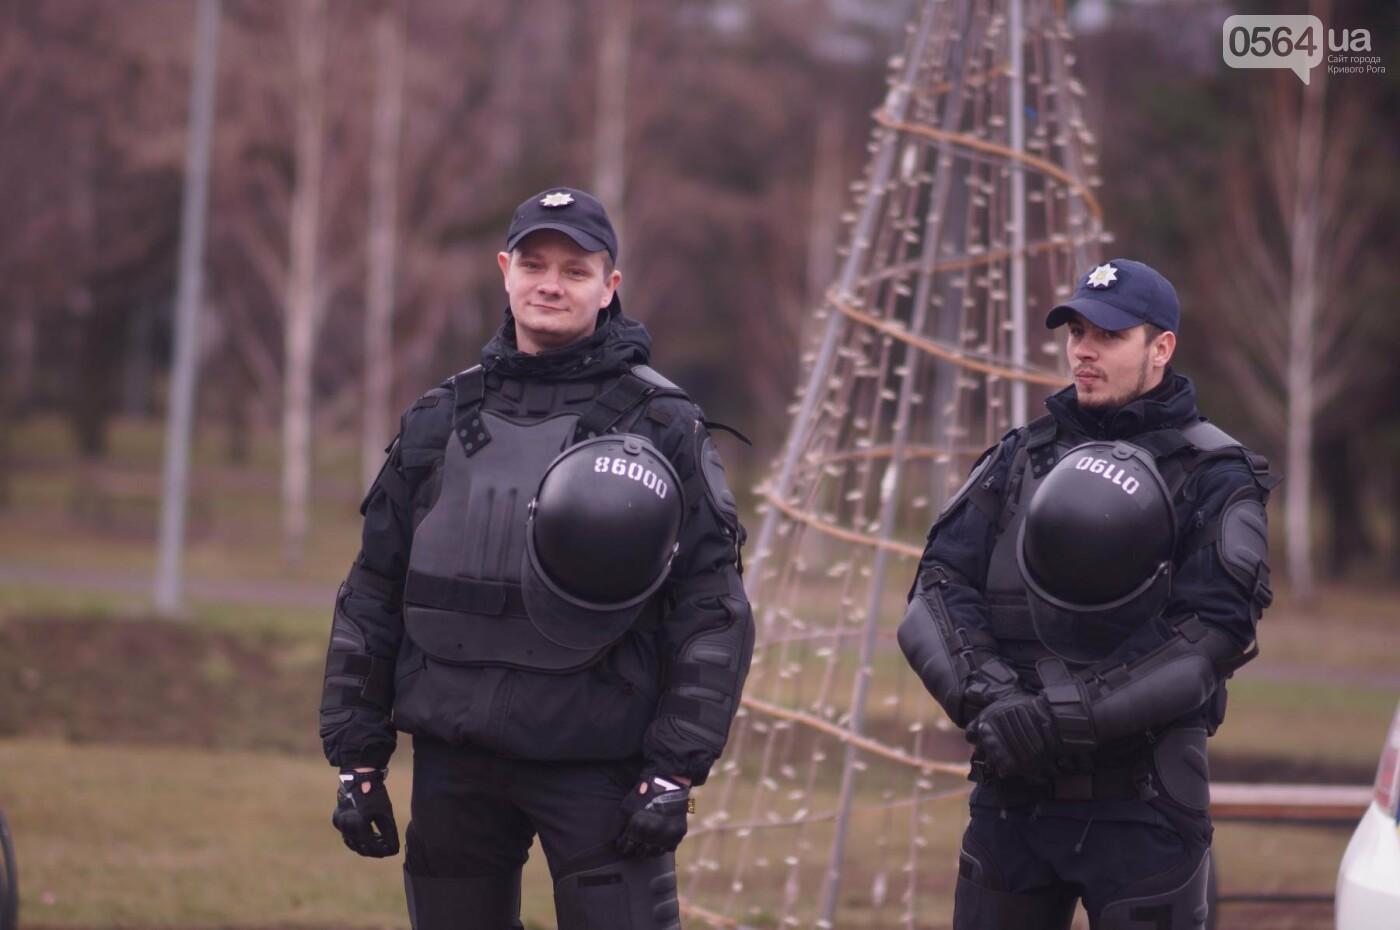 Встреча криворожских полицейских с детьми закончилась преждевременно (ФОТО), фото-28